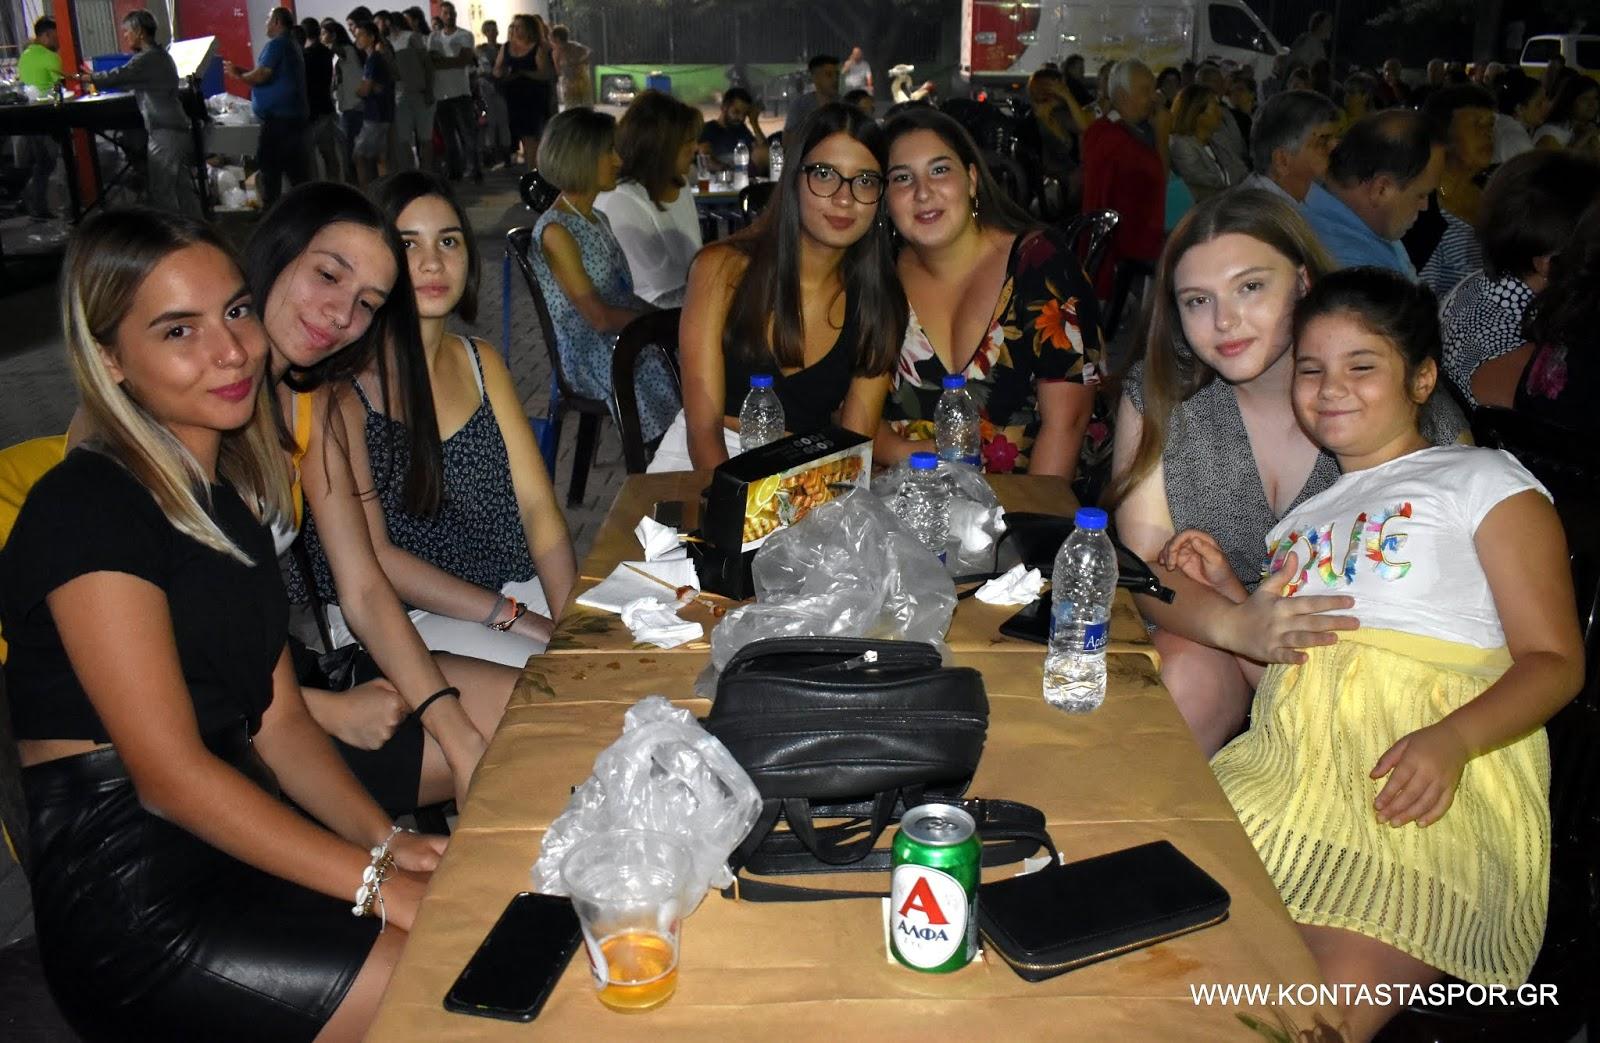 Με επιτυχία η λαική βραδιά  Αδαμαντίδη στα Ψαχνά (φωτογραφίες) 1 DSC 0079